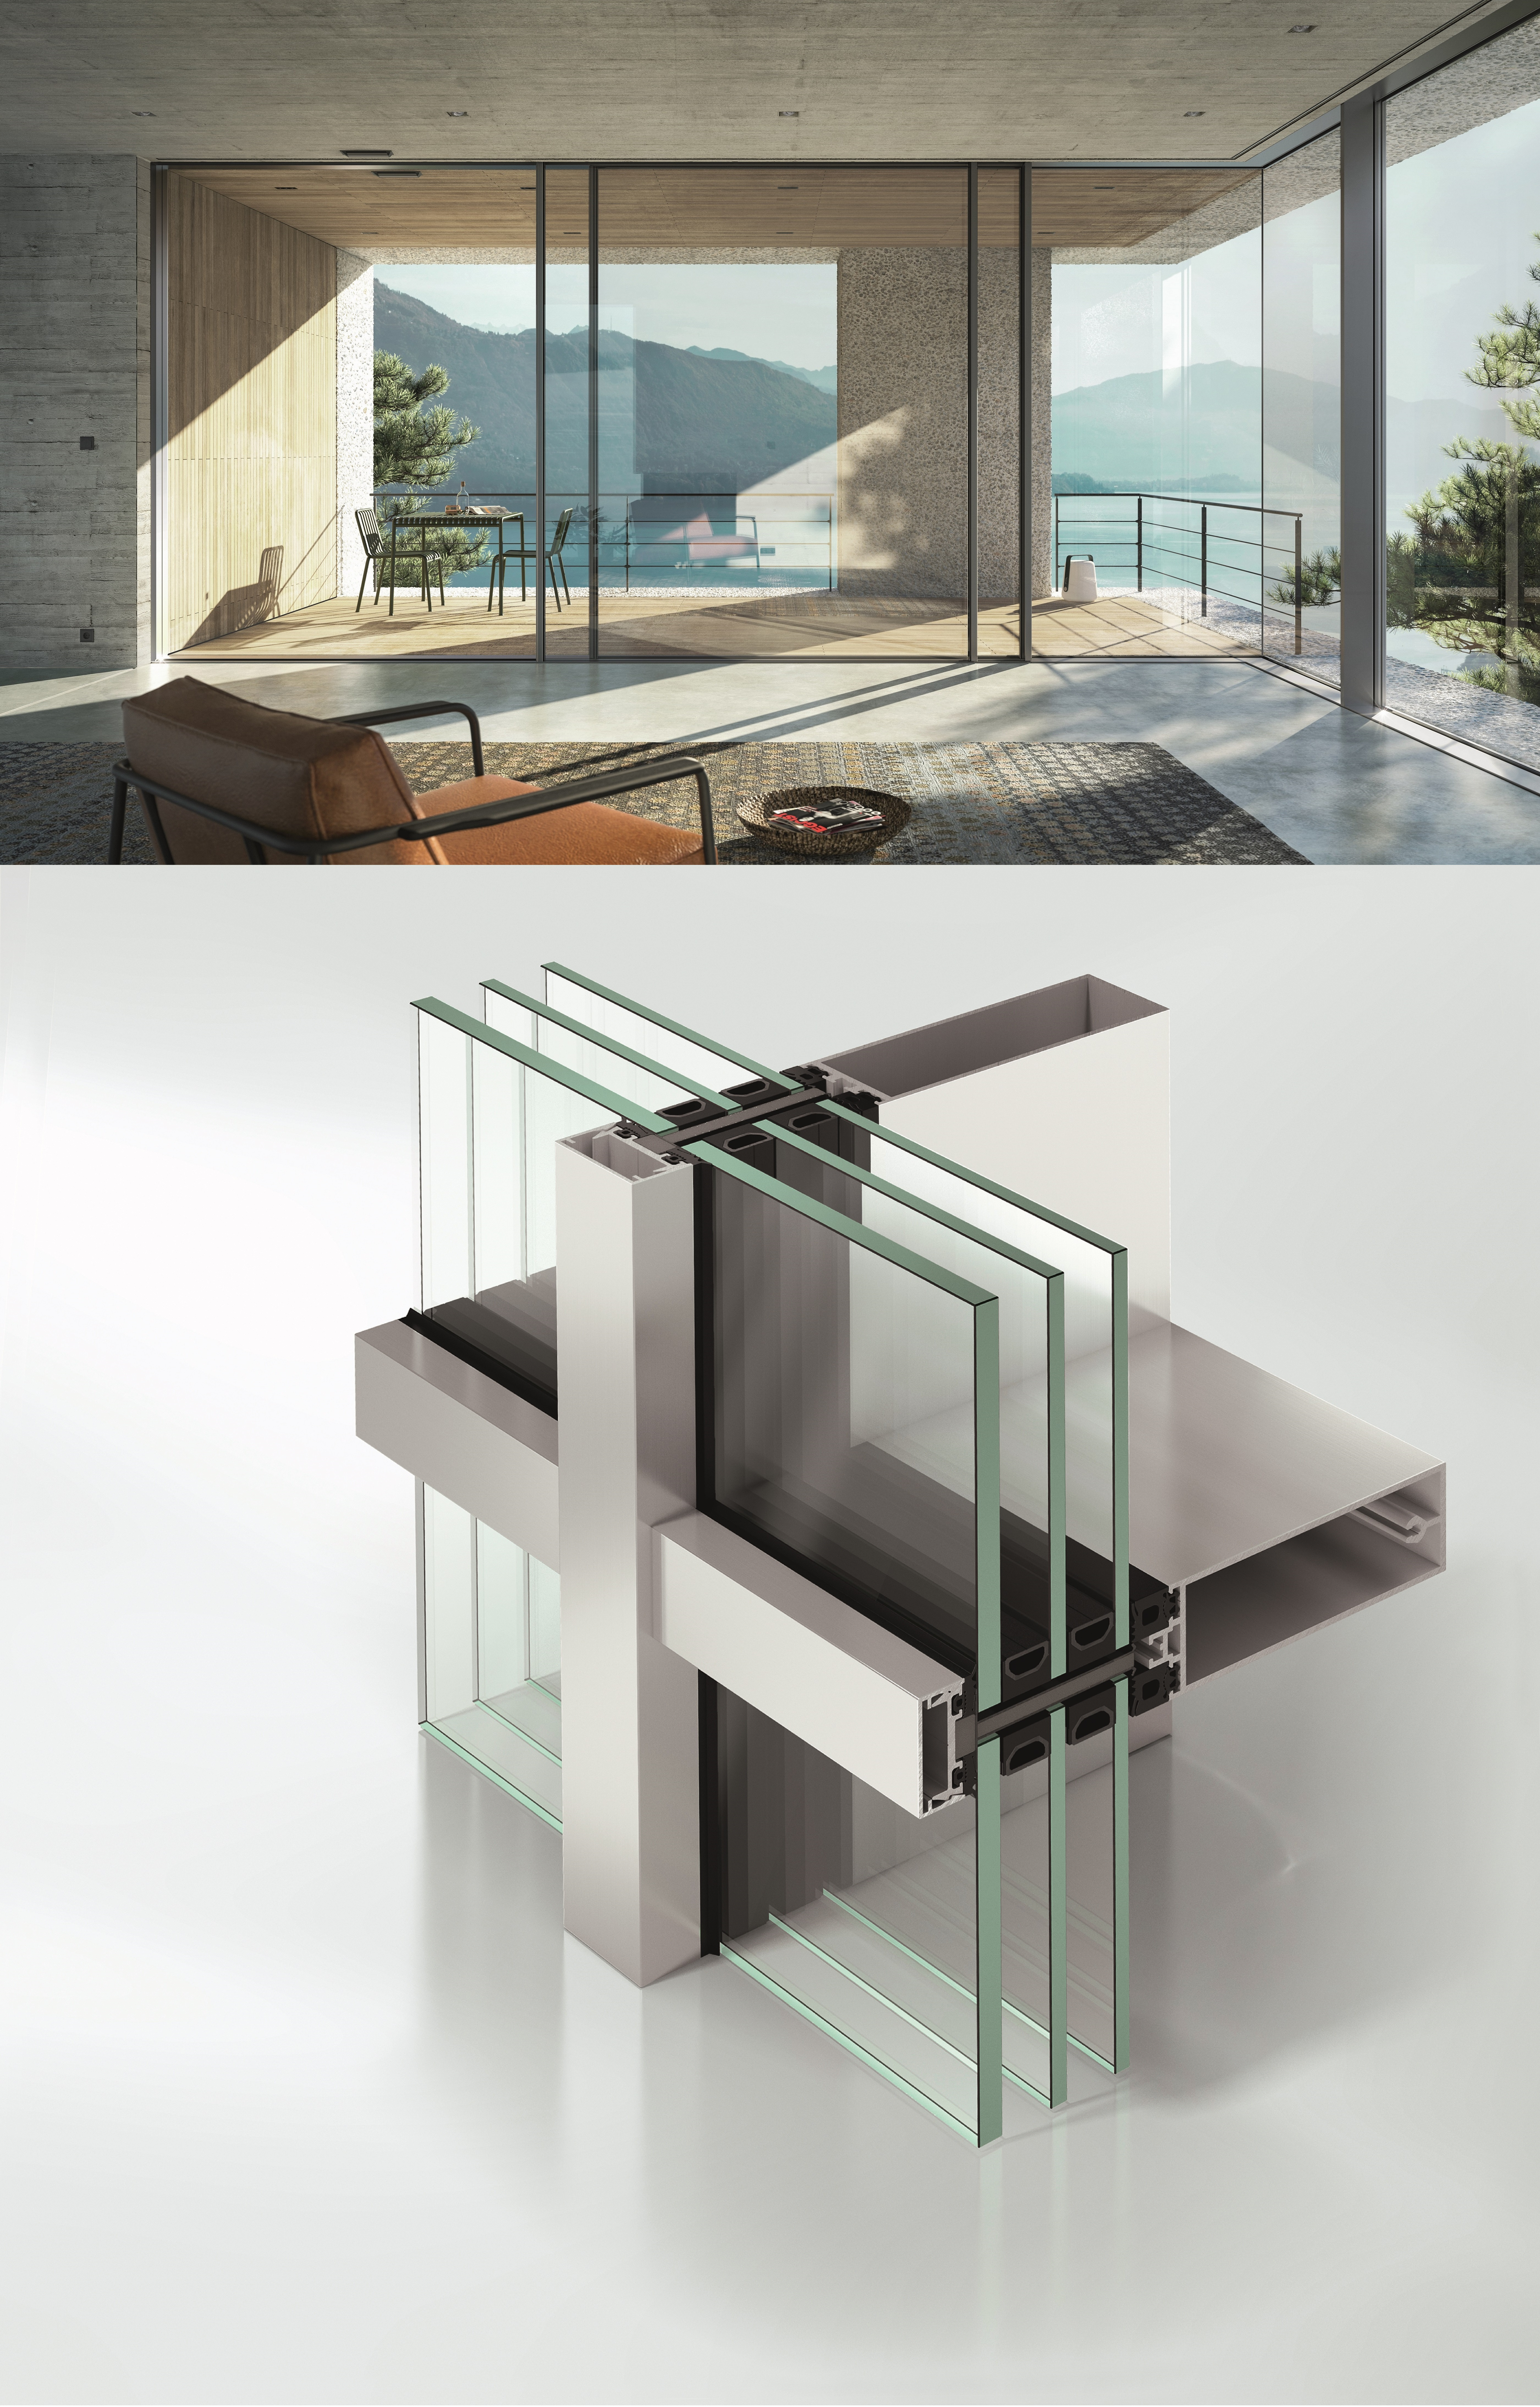 Schüco, Pfosten-Riegel-Fassade, Fassadensysteme, Aluminium Fassade